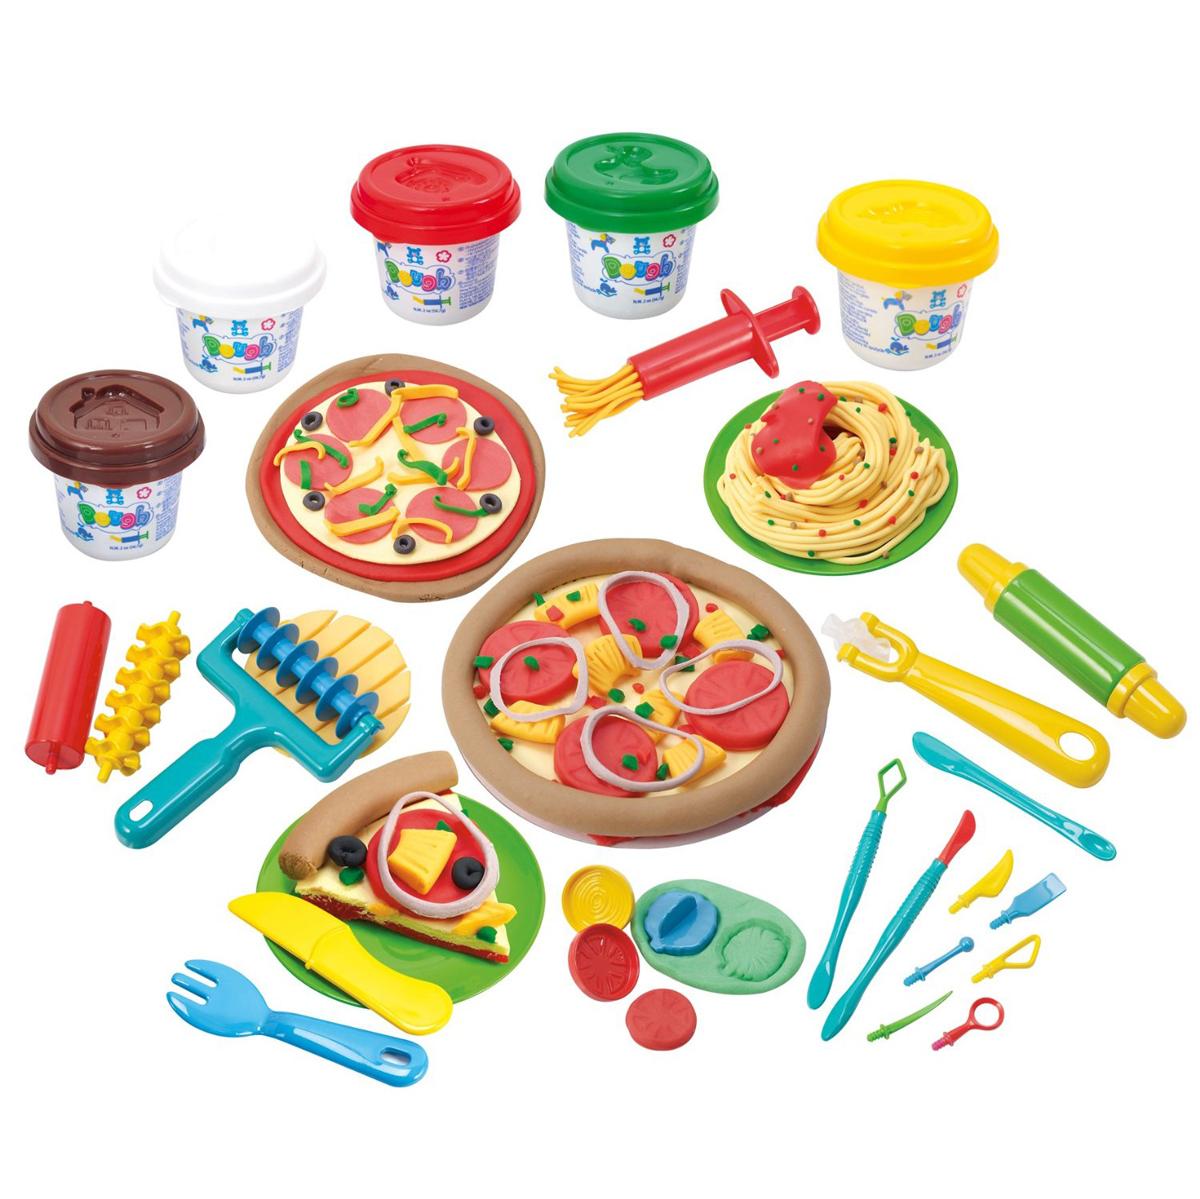 Набор для работы с пластилином - Моя пиццерияНаборы для лепки<br>Набор для работы с пластилином - Моя пиццерия<br>